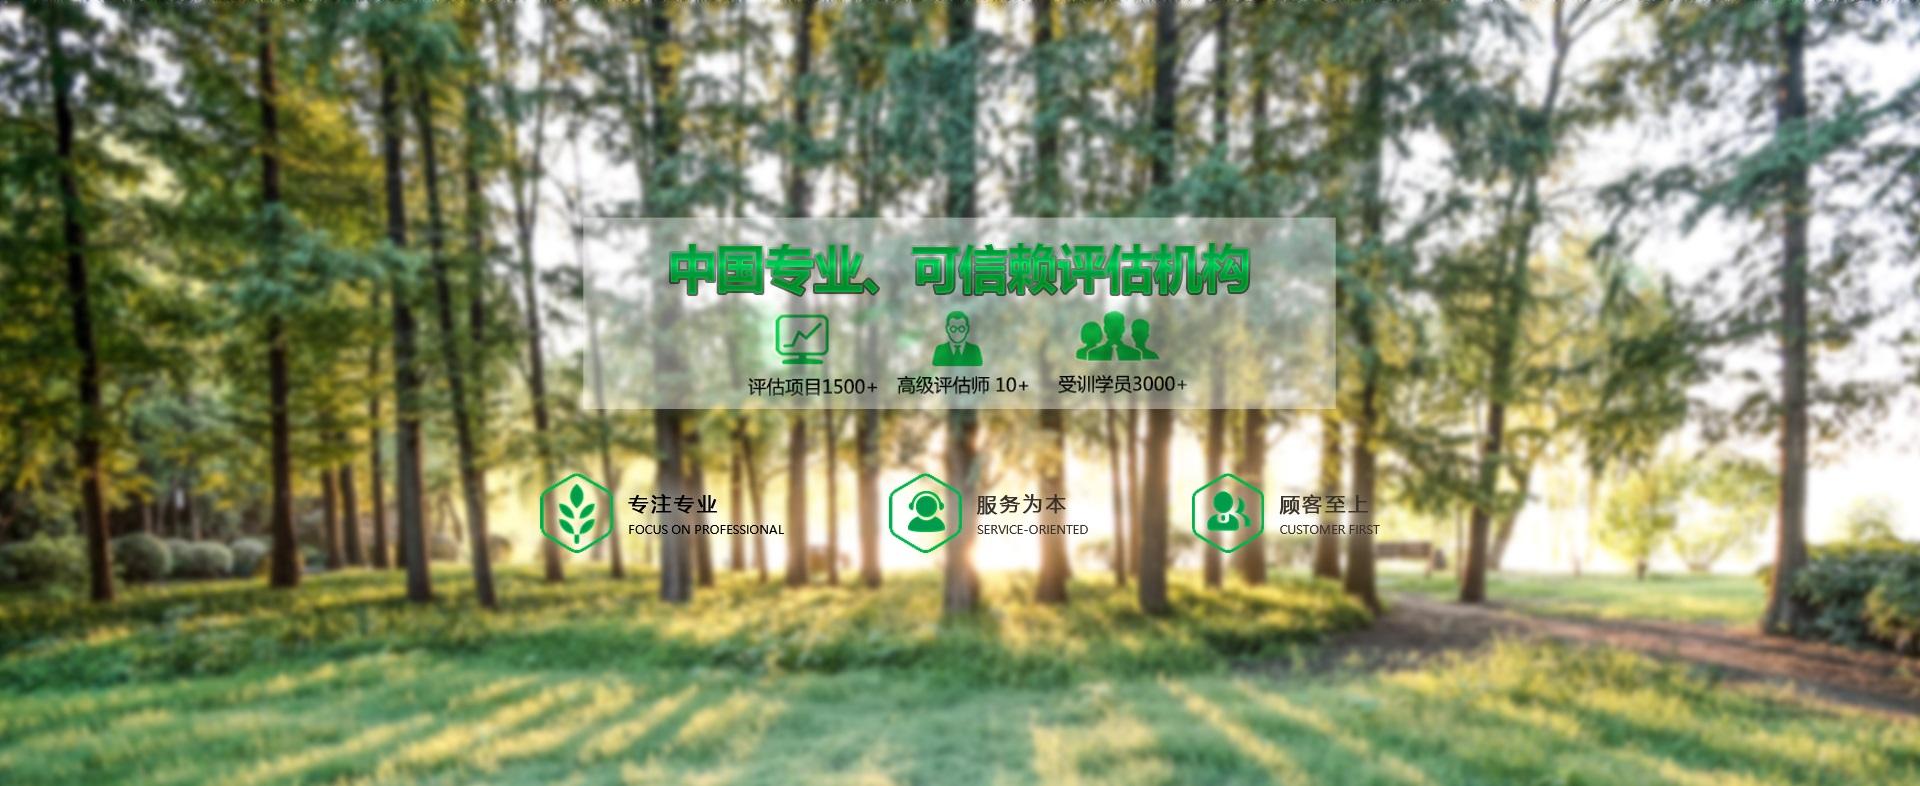 林权评估,苗木评估